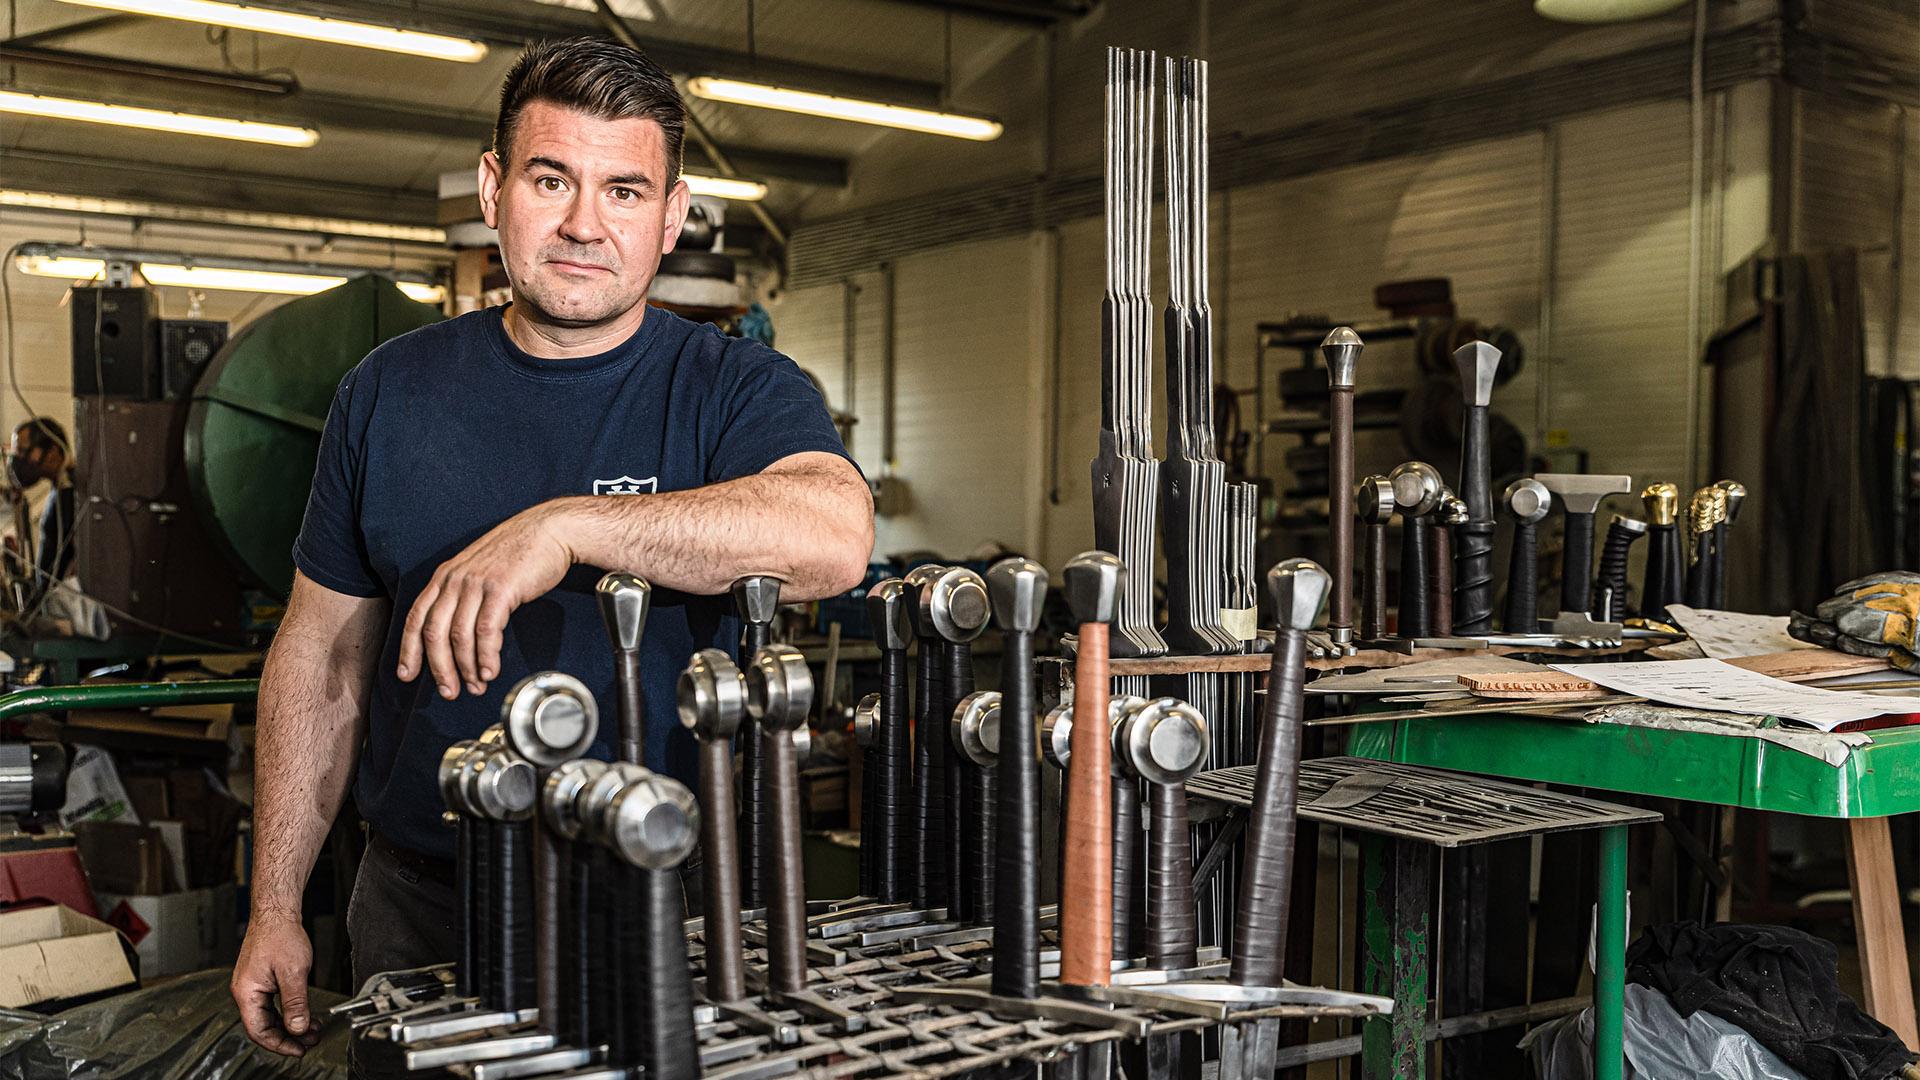 b. molnár márk berbekucz viktor fegyverek fegyverraktár fegyverszakértő hadtörténeti múzeum jeges andrás kardkészítés kések keszthelyi fegyverkiállítás nemzeti múzeum szablyák szerszámkészítő történelmi kardok